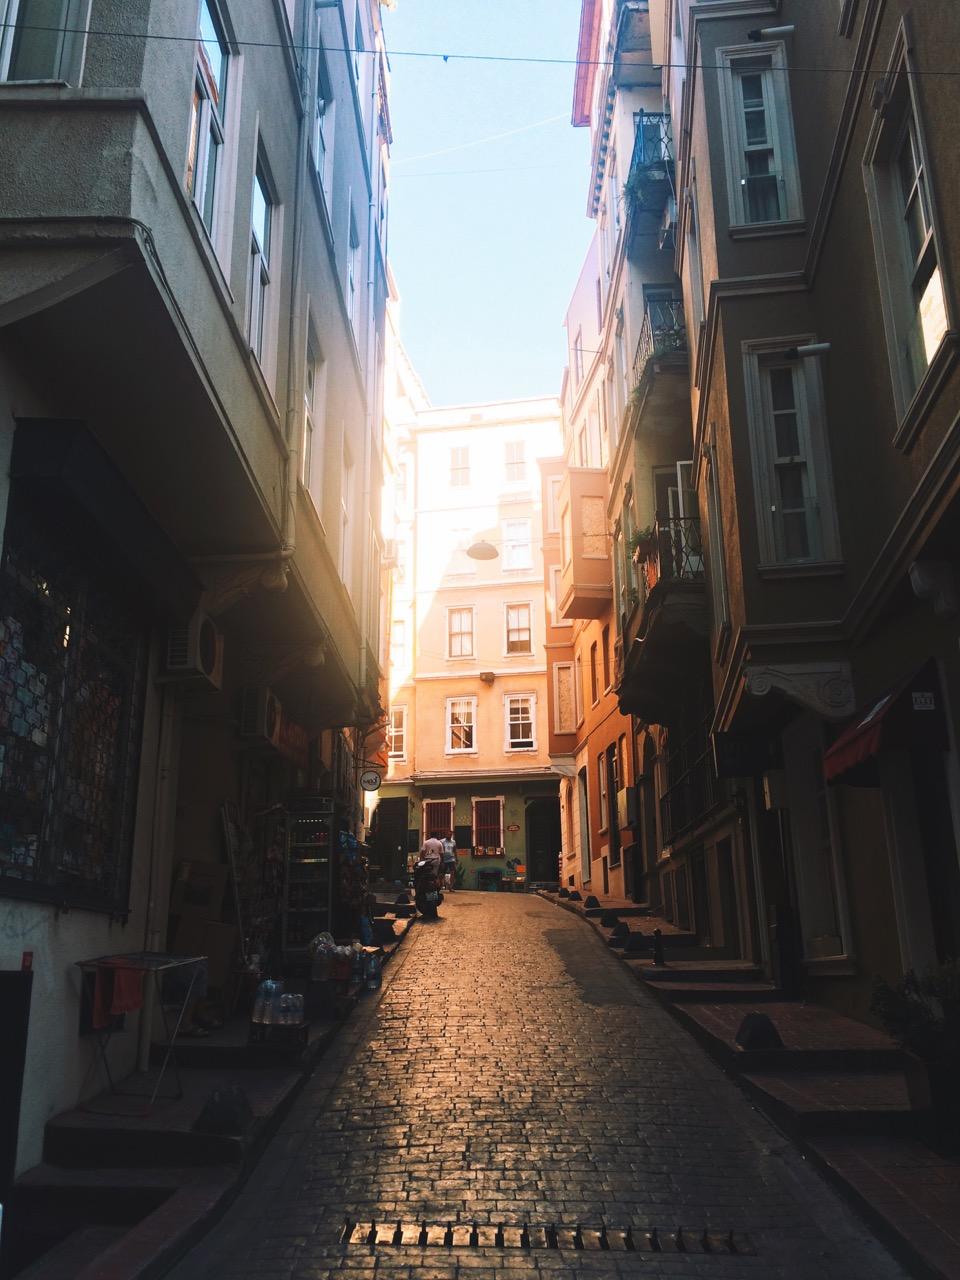 Стоповер в Стамбуле. День 3: Стамбульские переулки